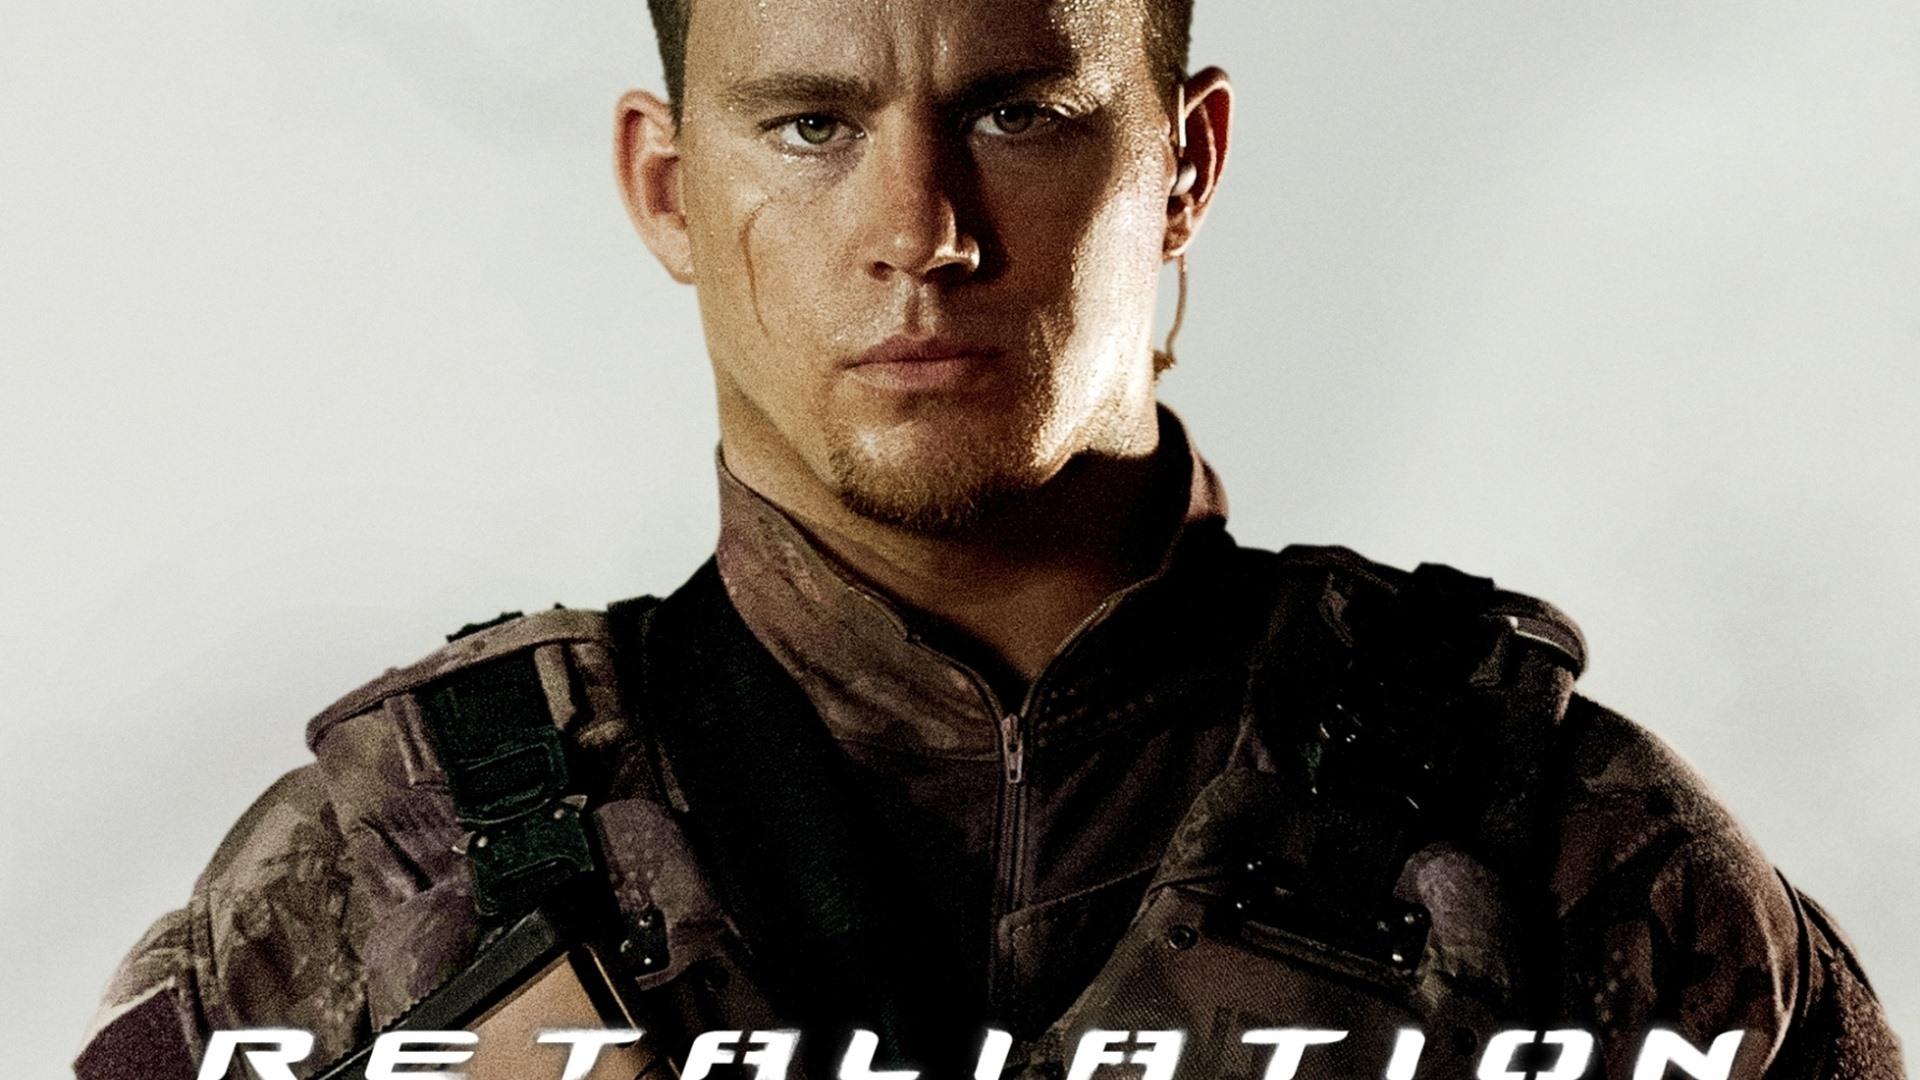 http://3.bp.blogspot.com/-MDRxCCokoOk/UDJCeUINQRI/AAAAAAAADhM/zMcOduLF8kM/s1920/Channing+Tatum+In+G.I.+Joe_+Retaliation+1080+HDTV+1080p.jpeg